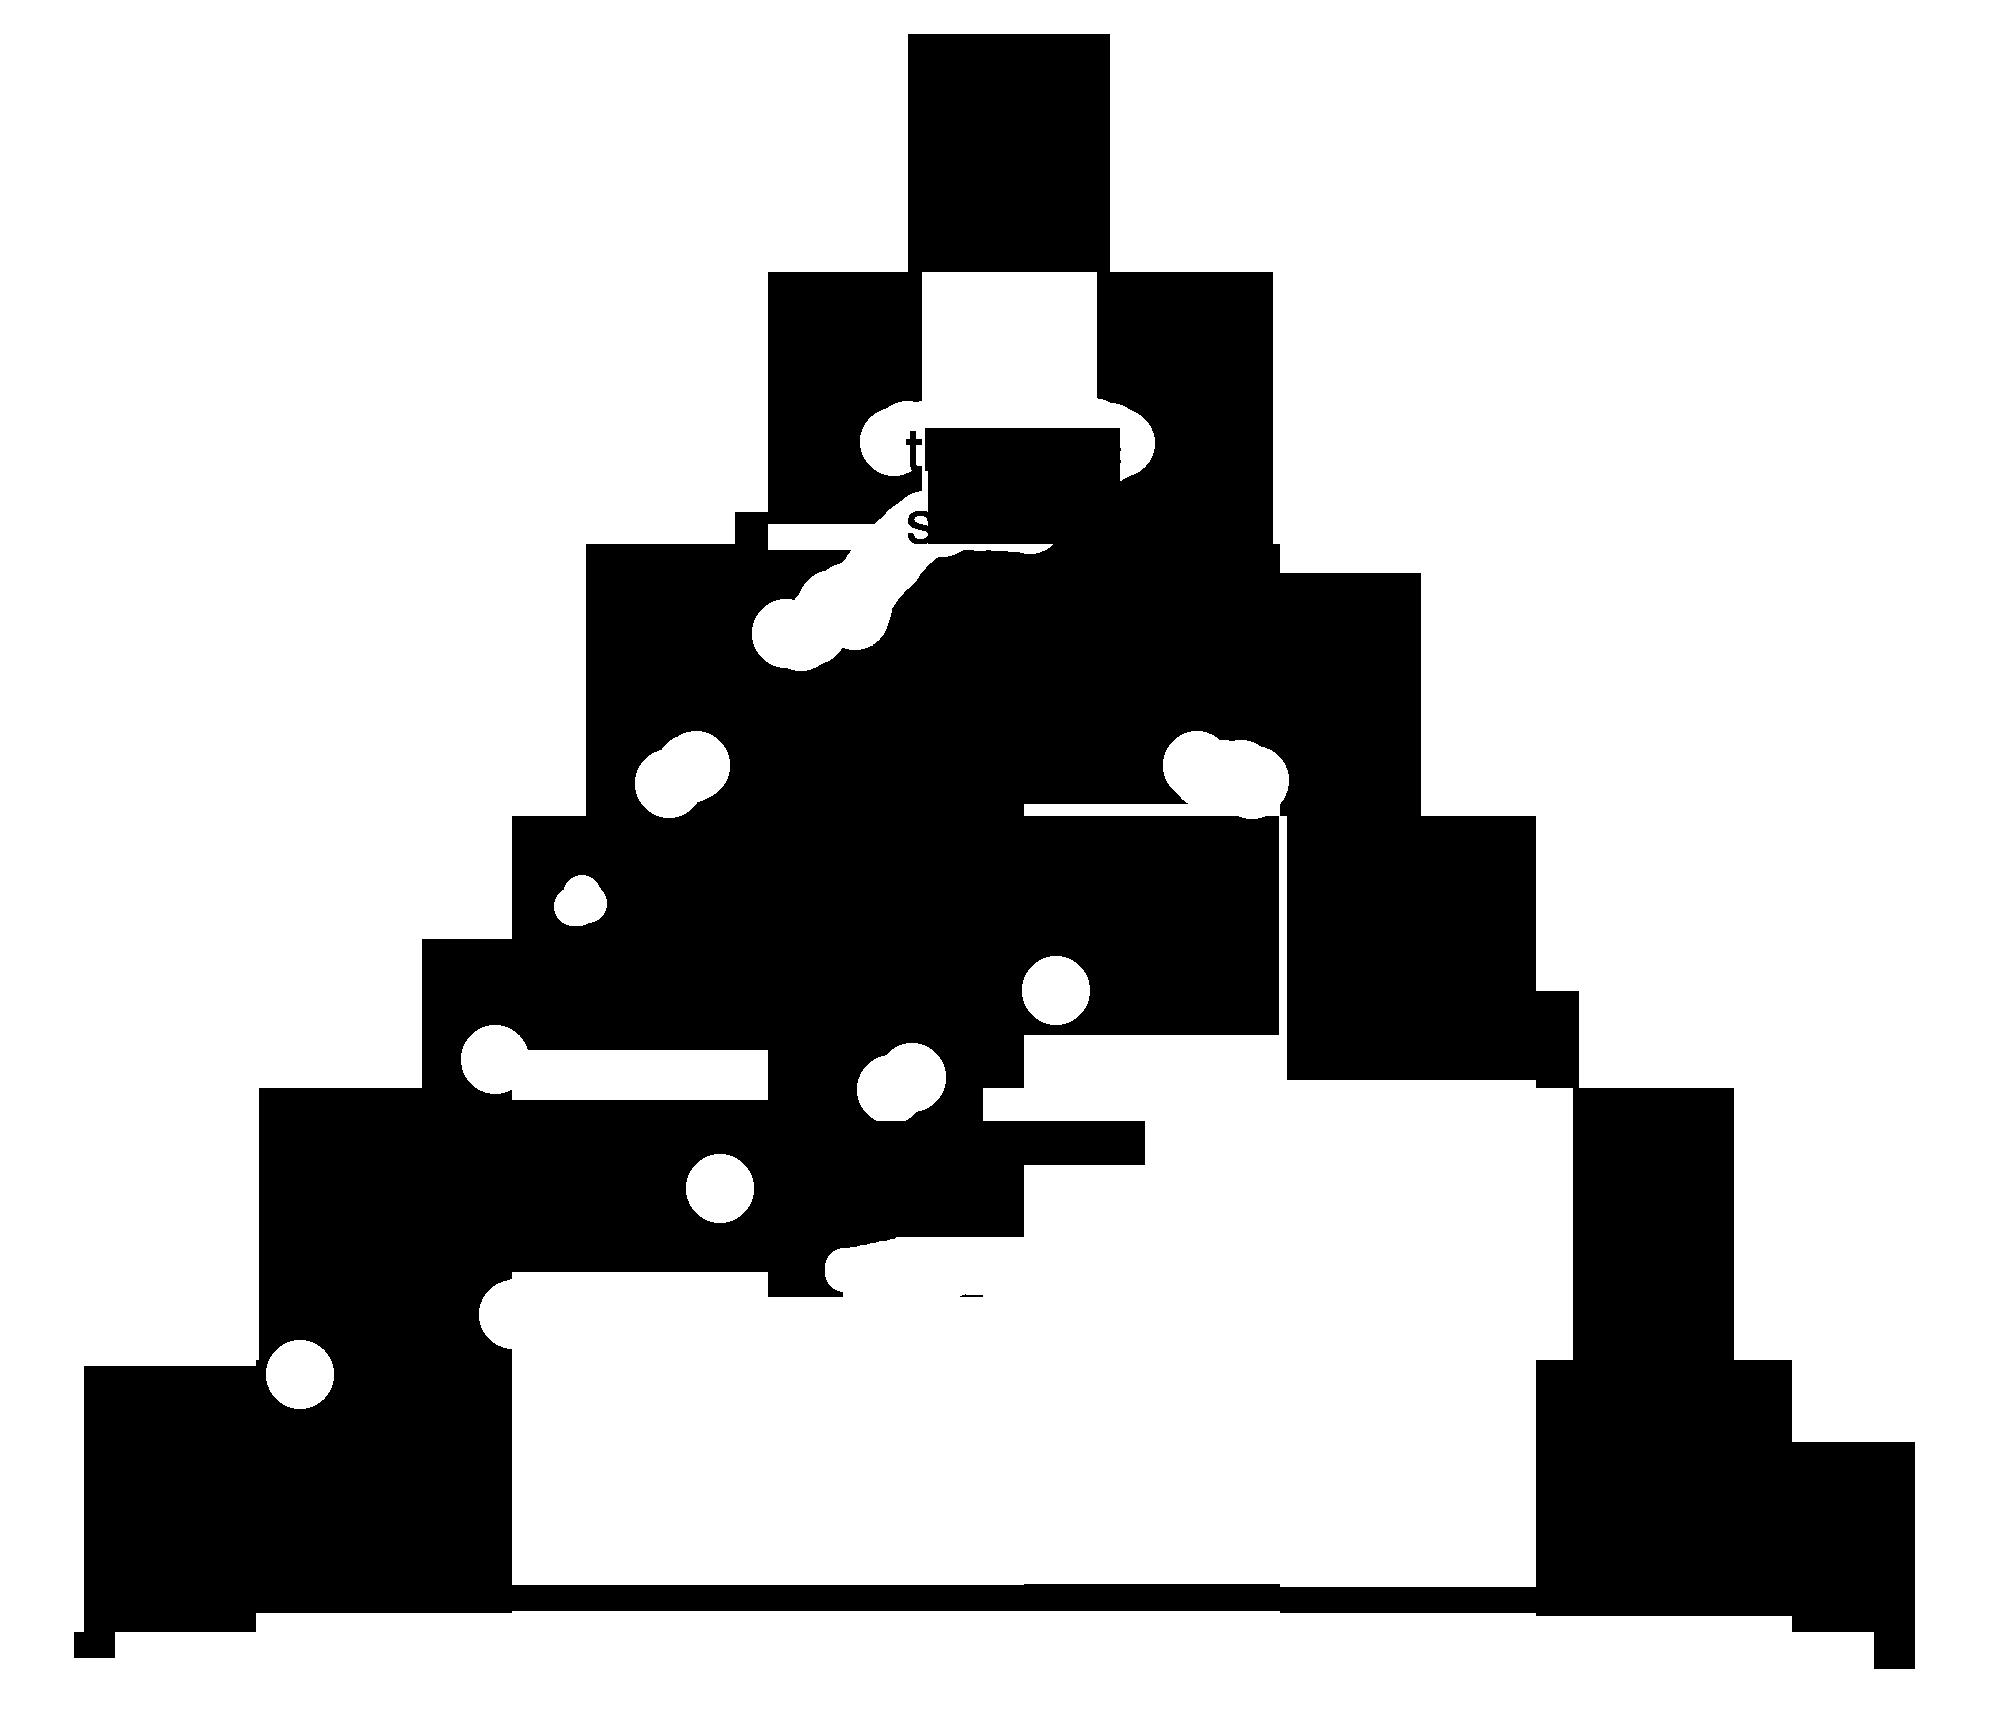 file afm diagram png